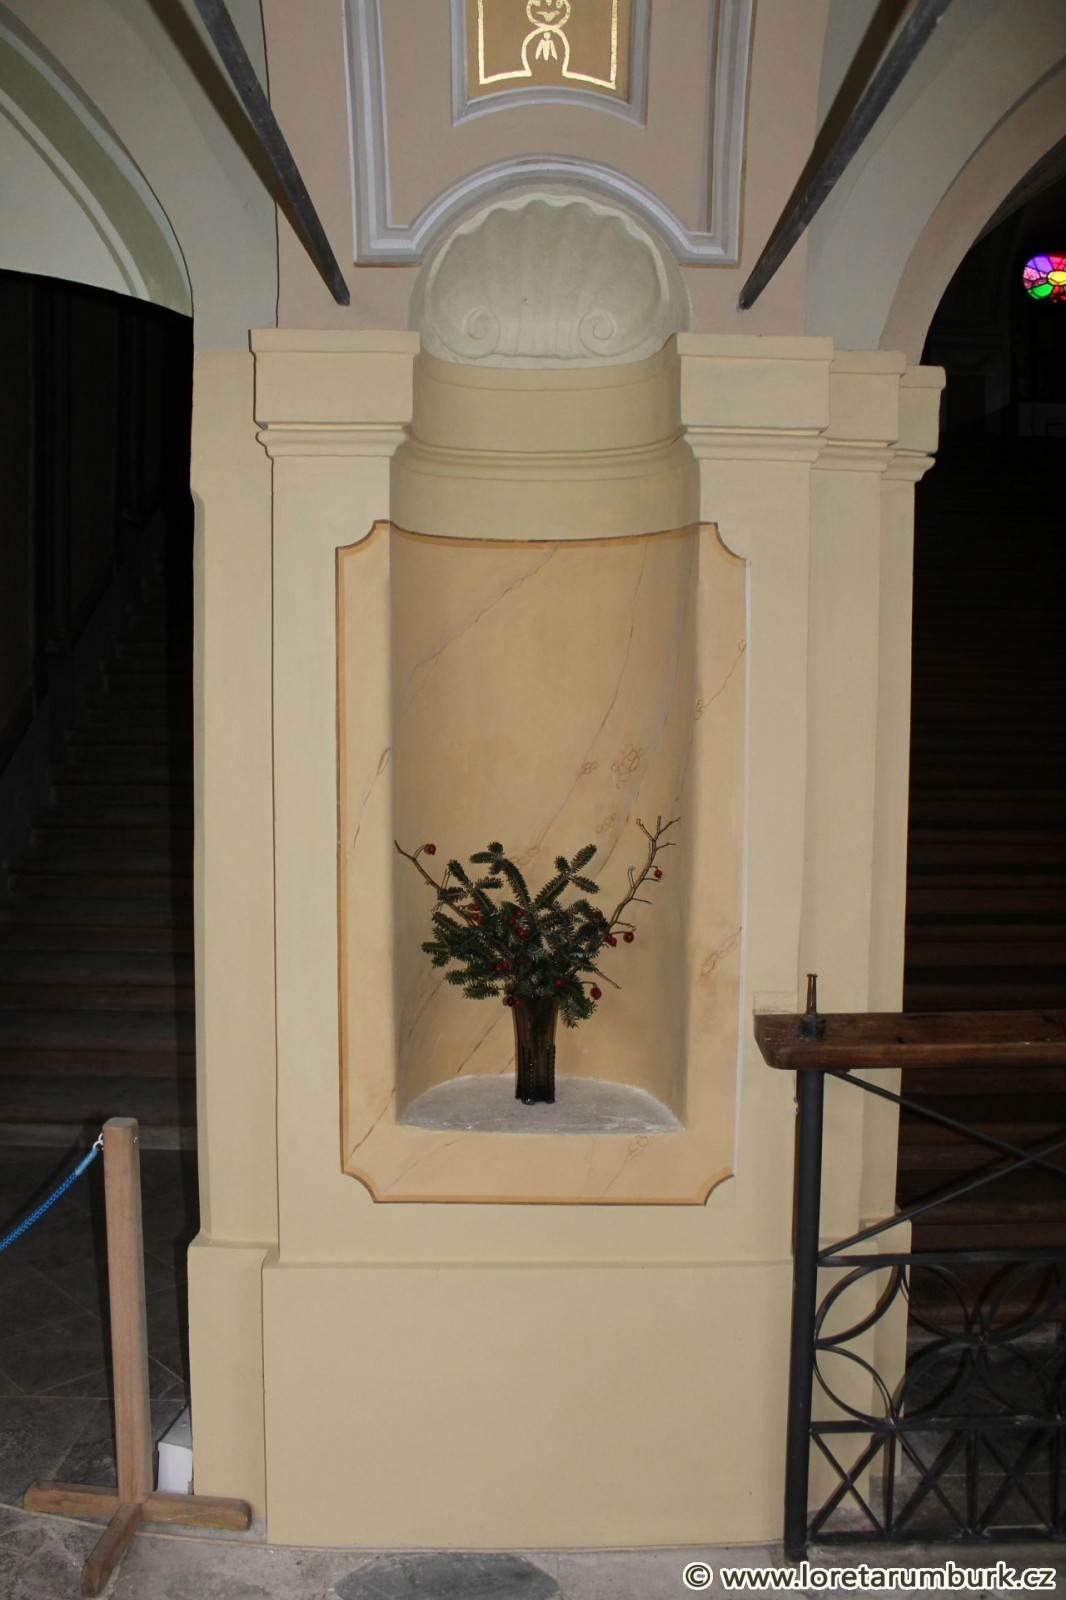 1, Loreta Rumburk, dekoratiovní výmalba, po restaurování, foto Klára Mágrová, 2 12 2013